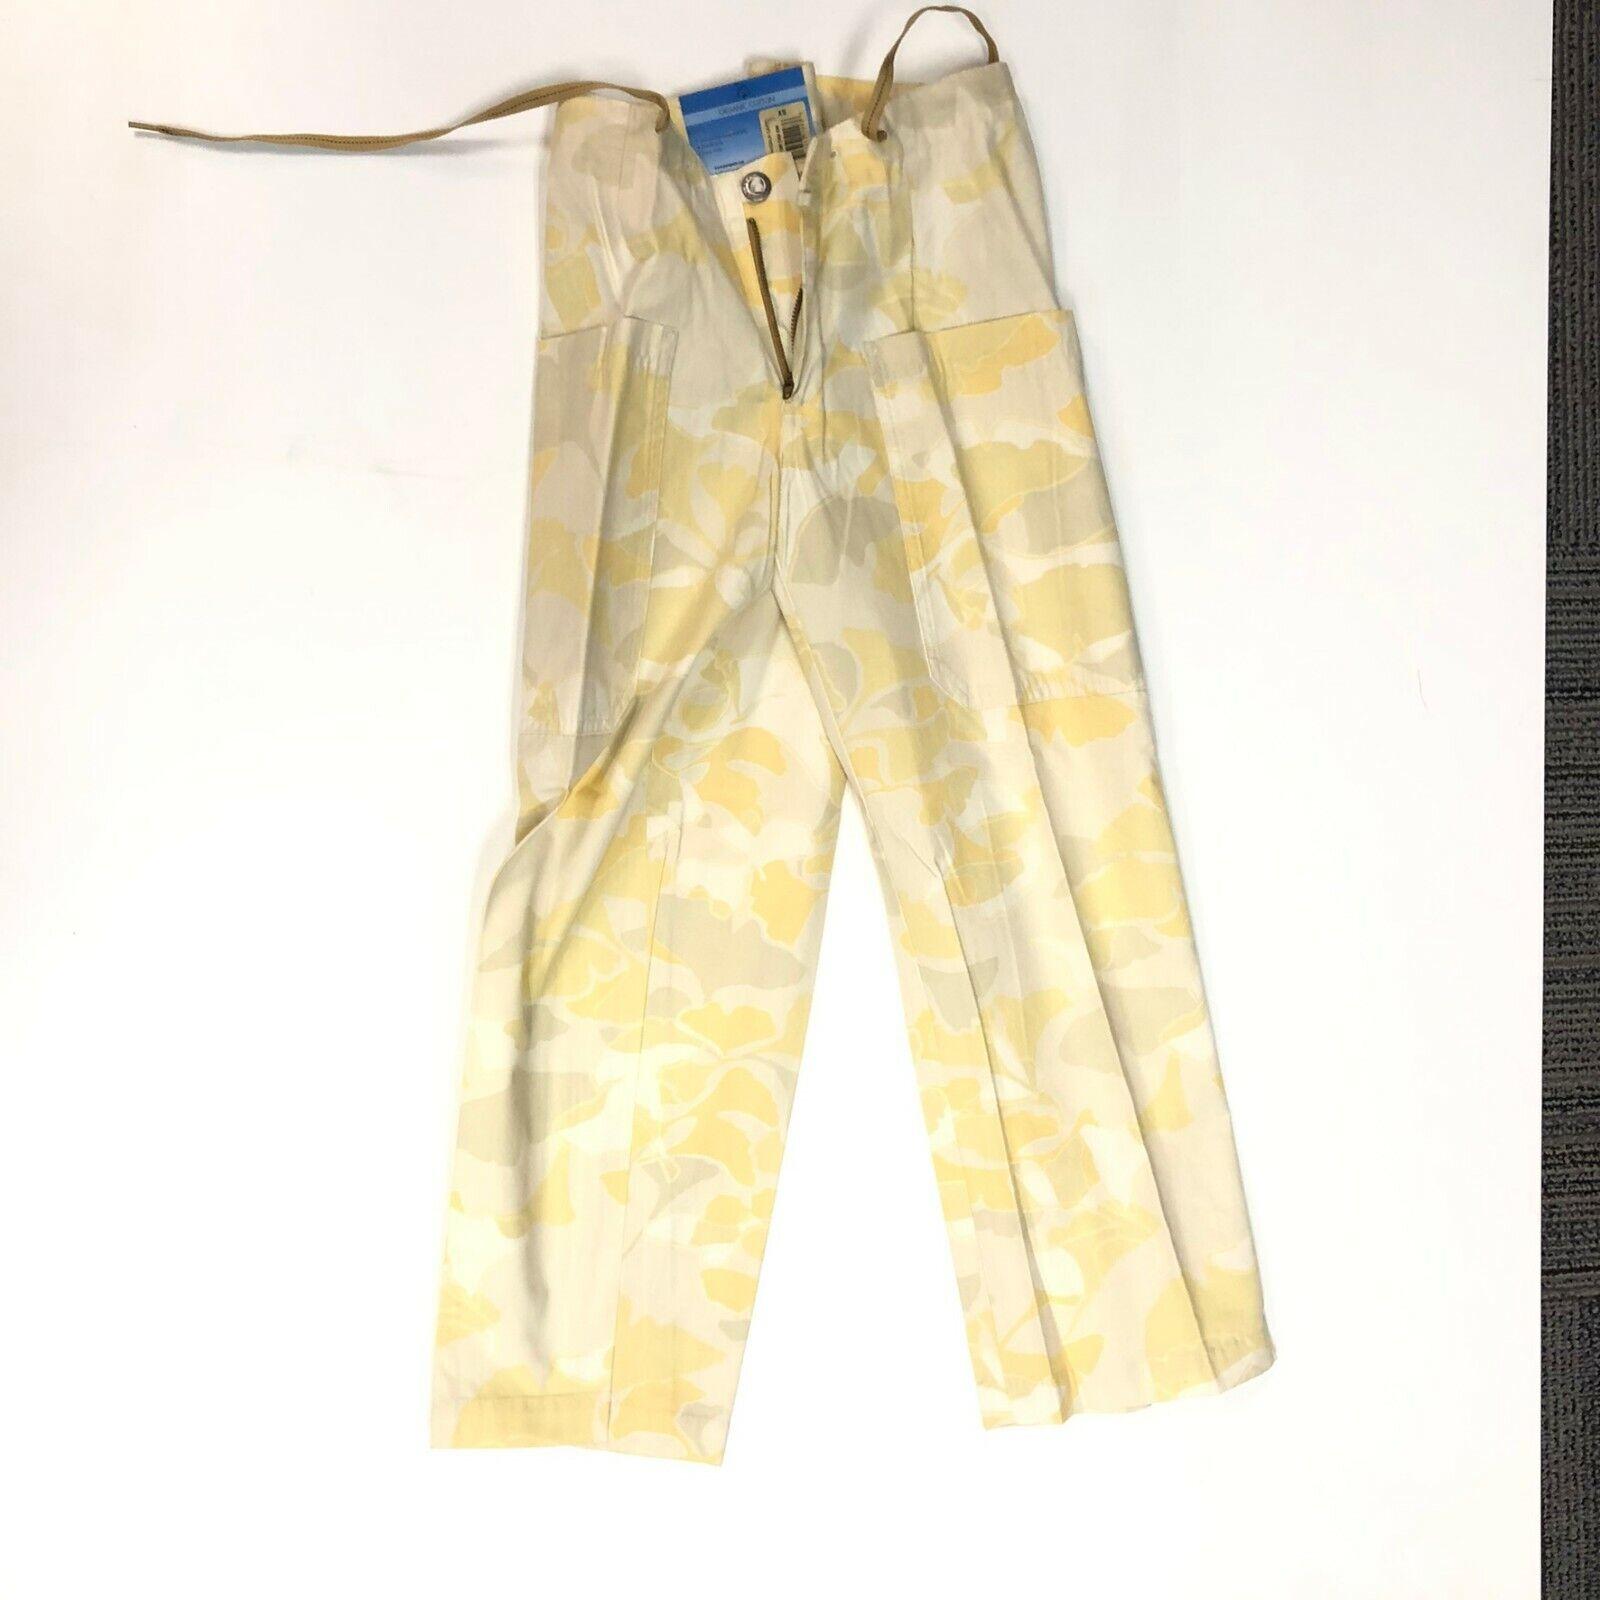 Patagonia - Woman's yellow Hiking Capri Pants SIZE XS